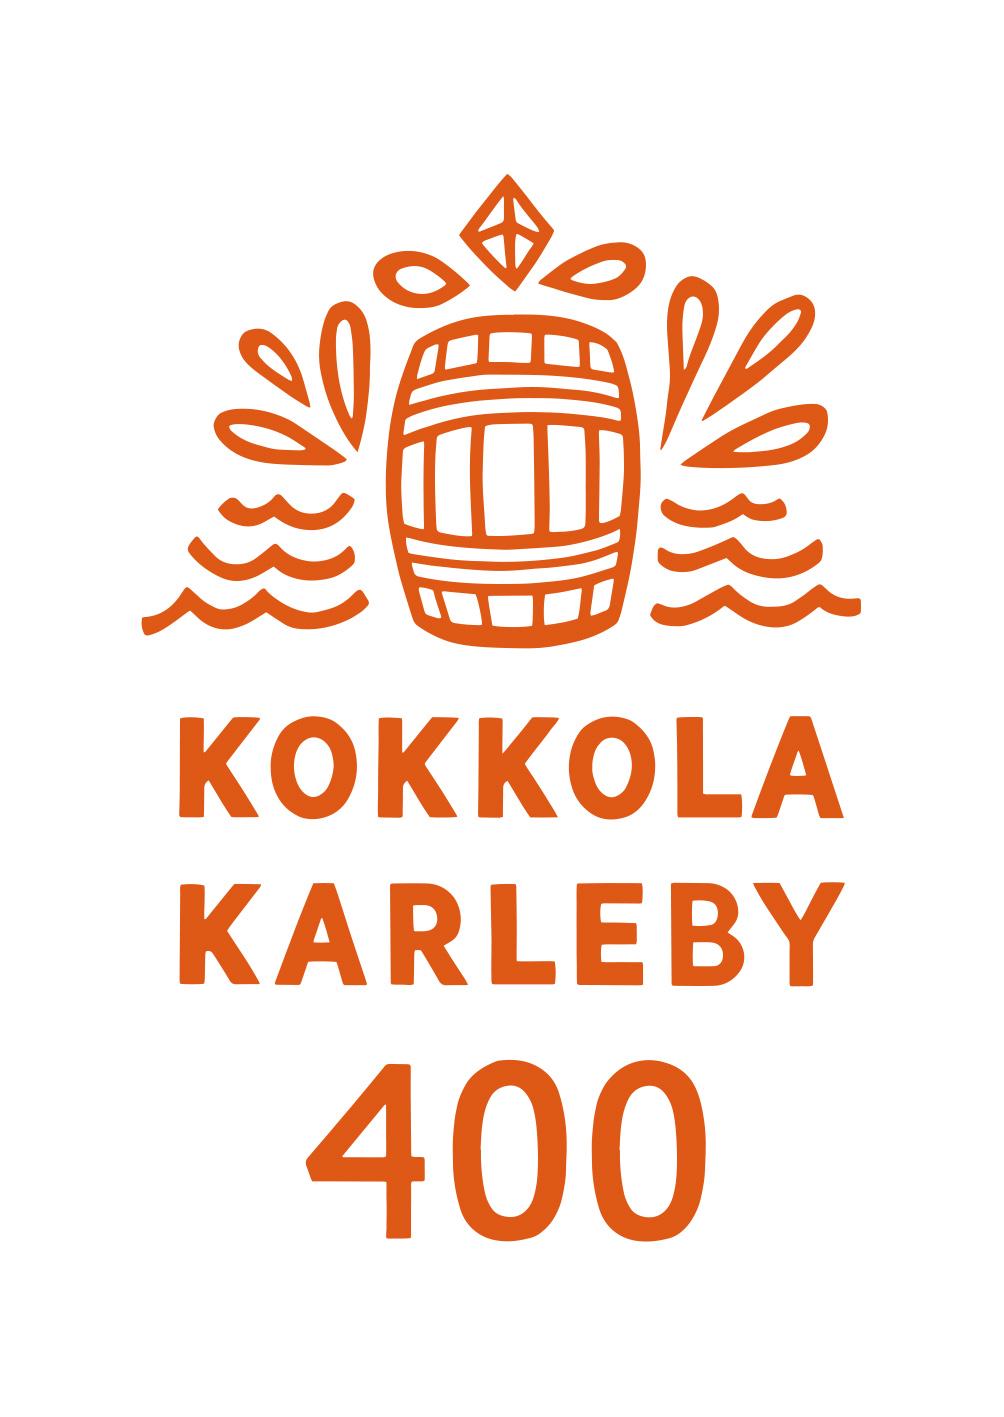 kokkola_karleby_400_tunnus_oranssi.jpg (288 KB)